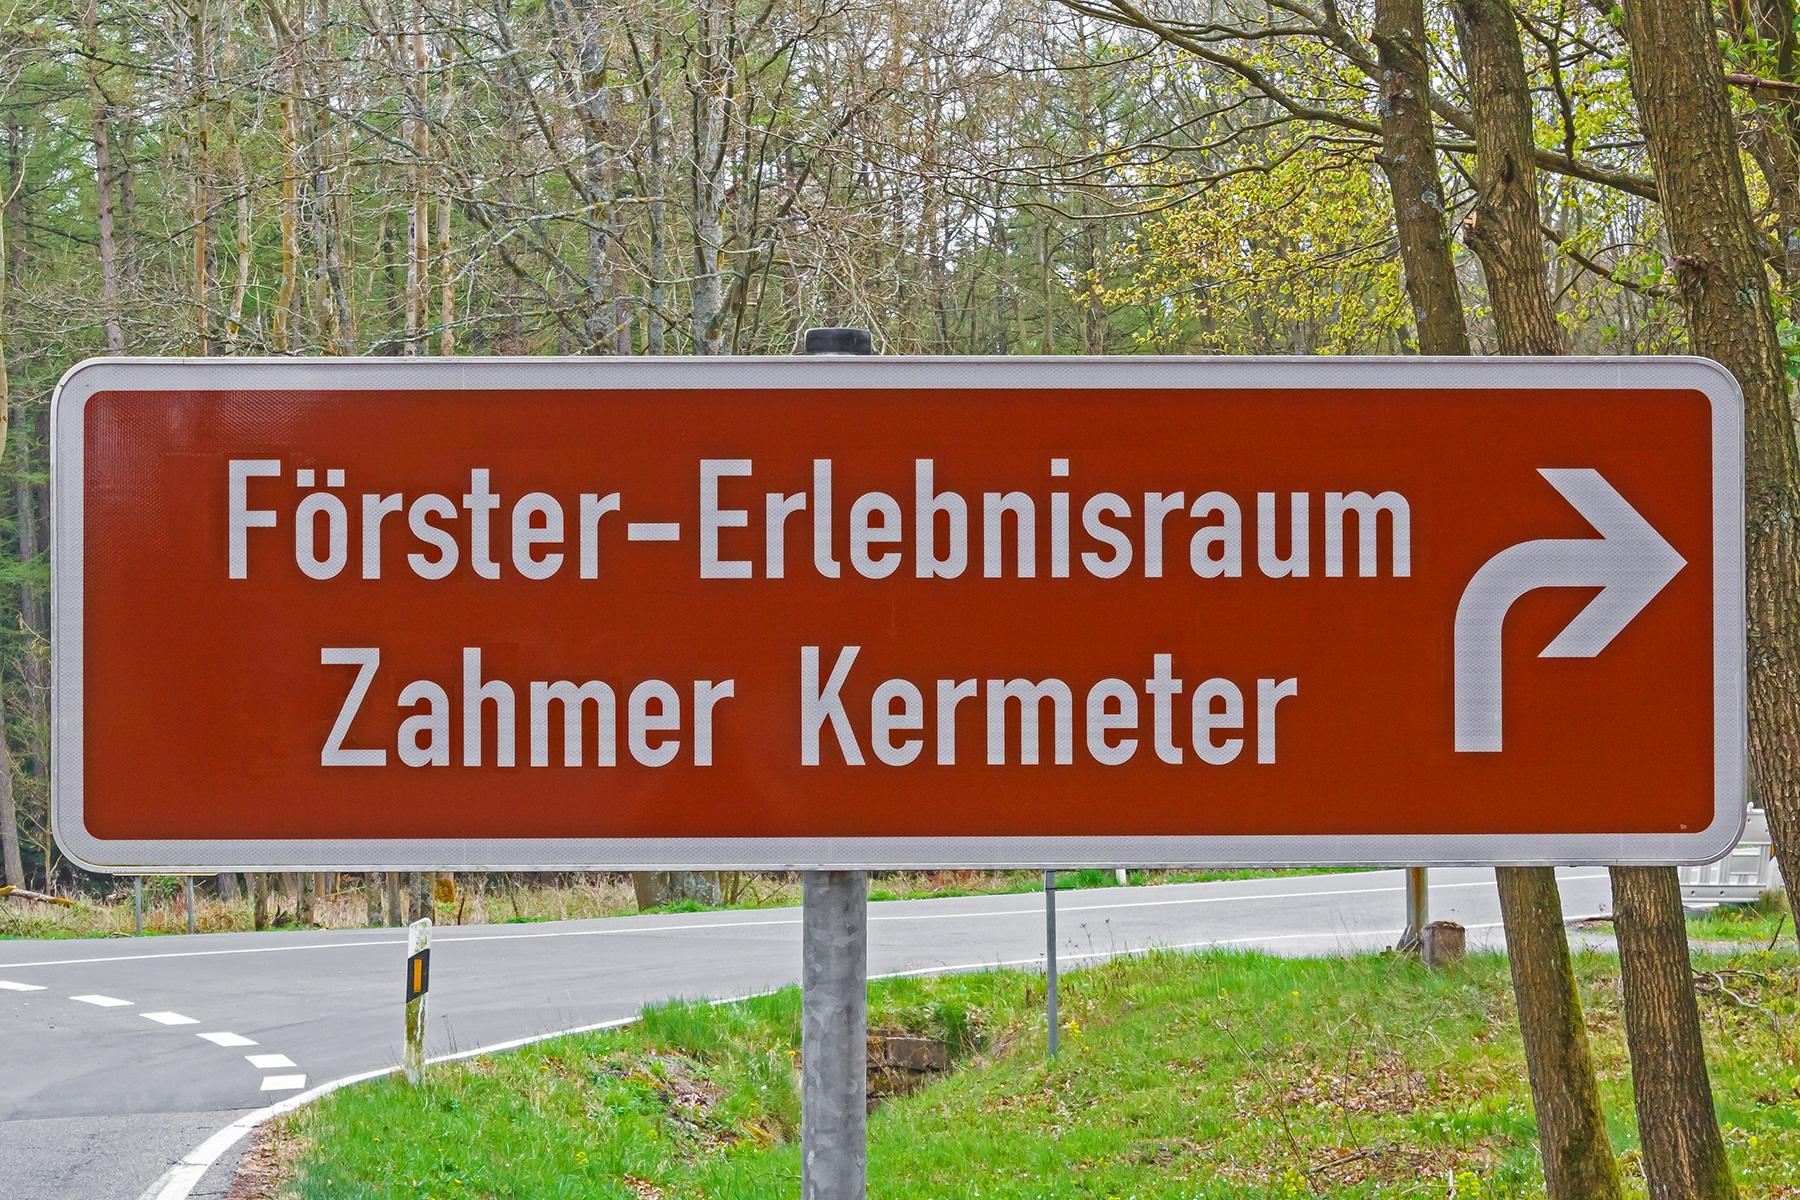 Förster-Erlebnisraum Zahmer Kermeter